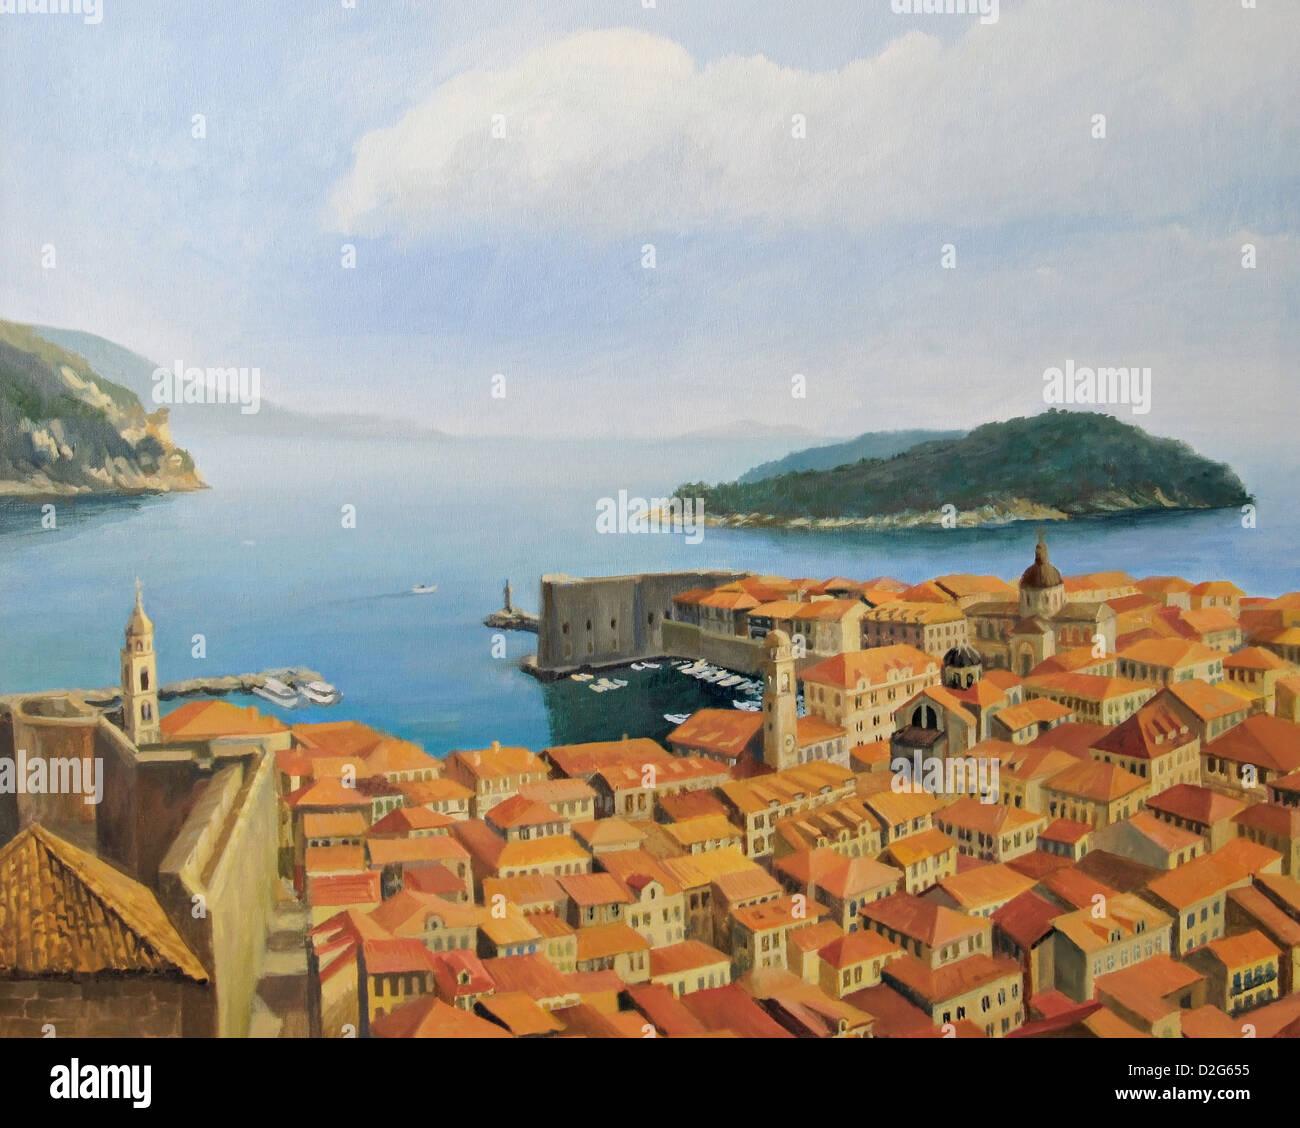 Un dipinto ad olio su tela di una bellissima vista panoramica dal punto più alto della parete della città, Immagini Stock